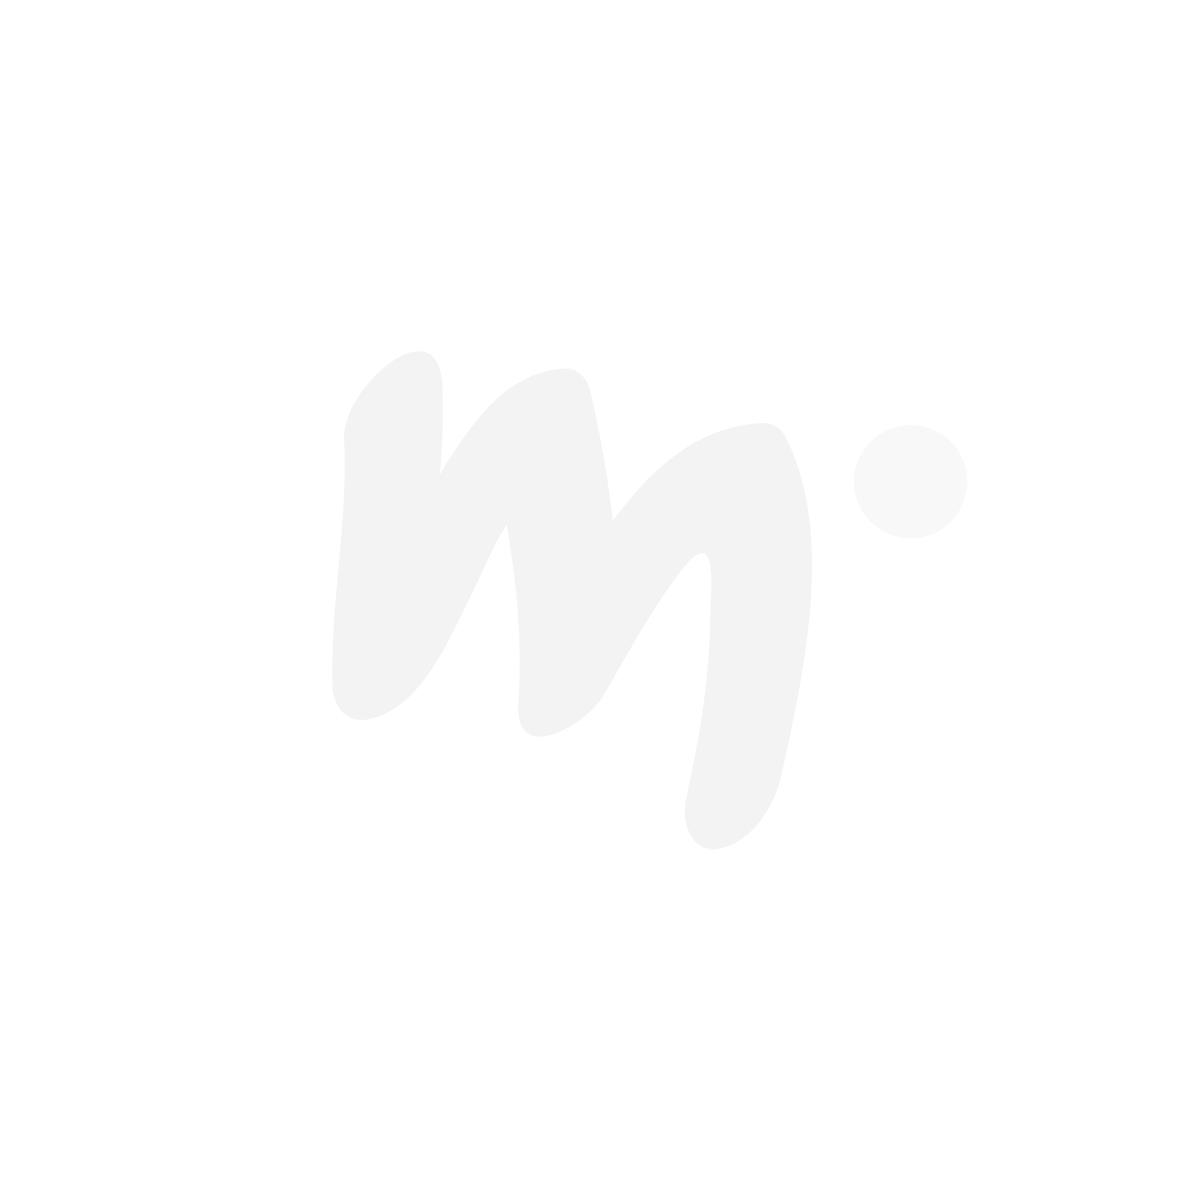 Peppi Pitkätossu Sitaatti-housut harmaa